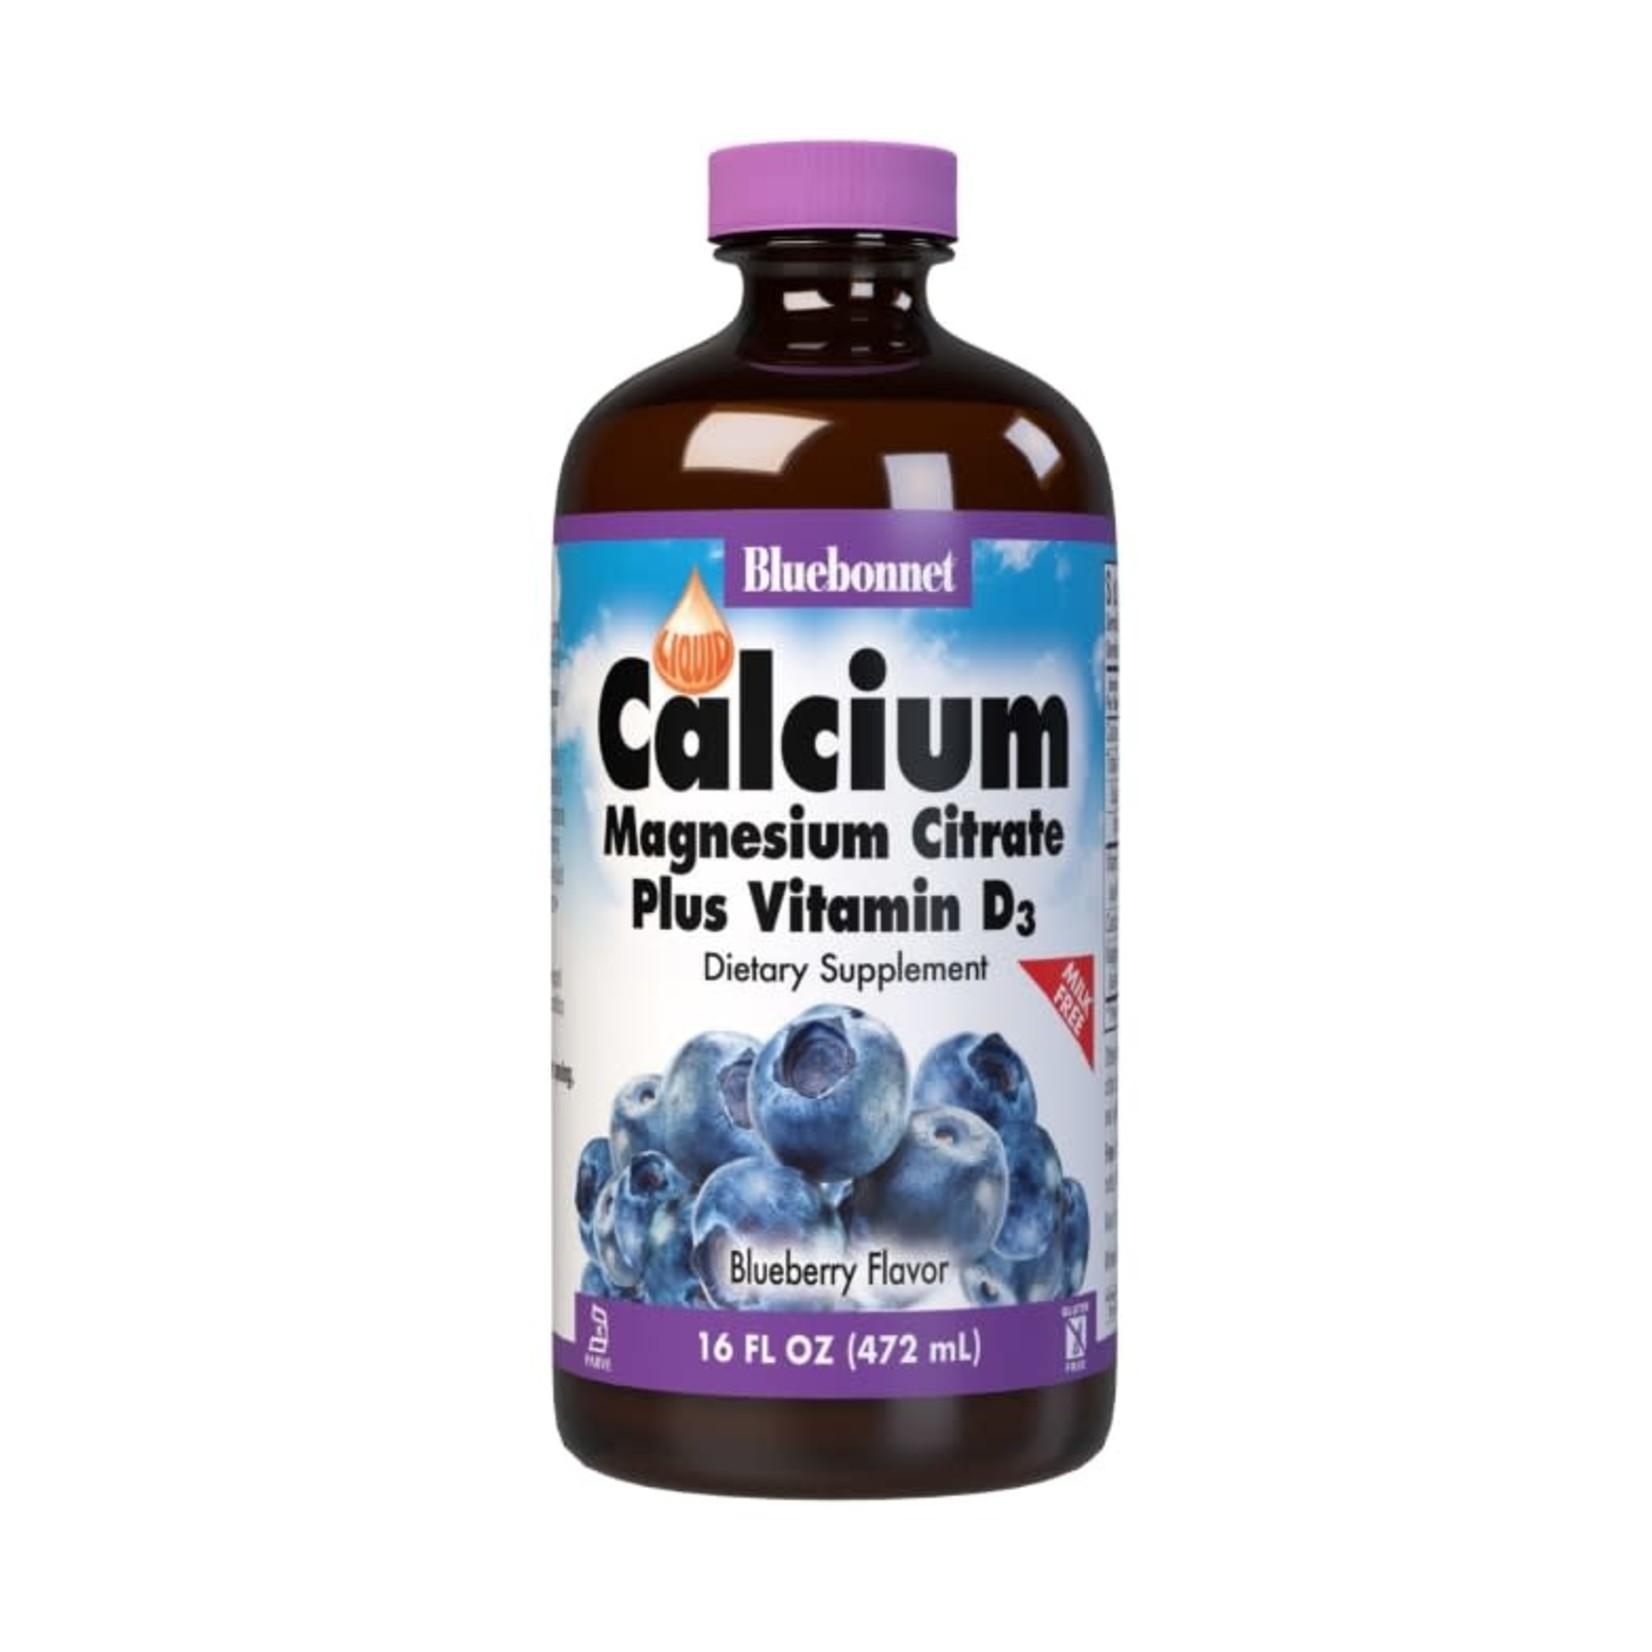 BlueBonnet Bluebonnet Liquid Calcium Magnesium Citrate +D3 Blueberry 16oz